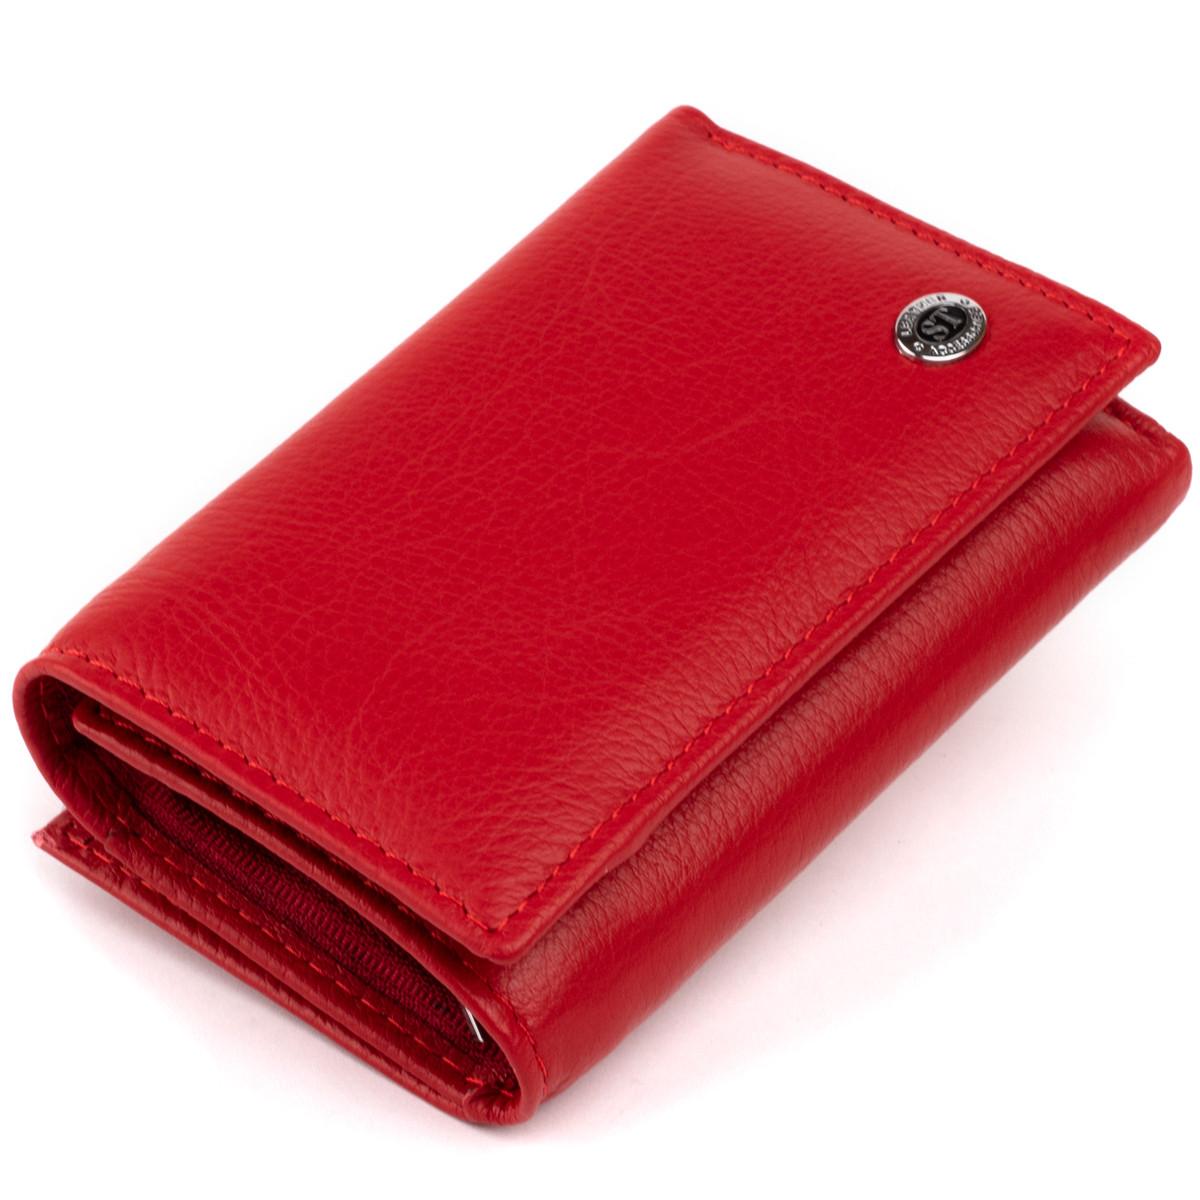 Горизонтальне портмоне зі шкіри жіноче на магніті ST Leather 19335 Червоне